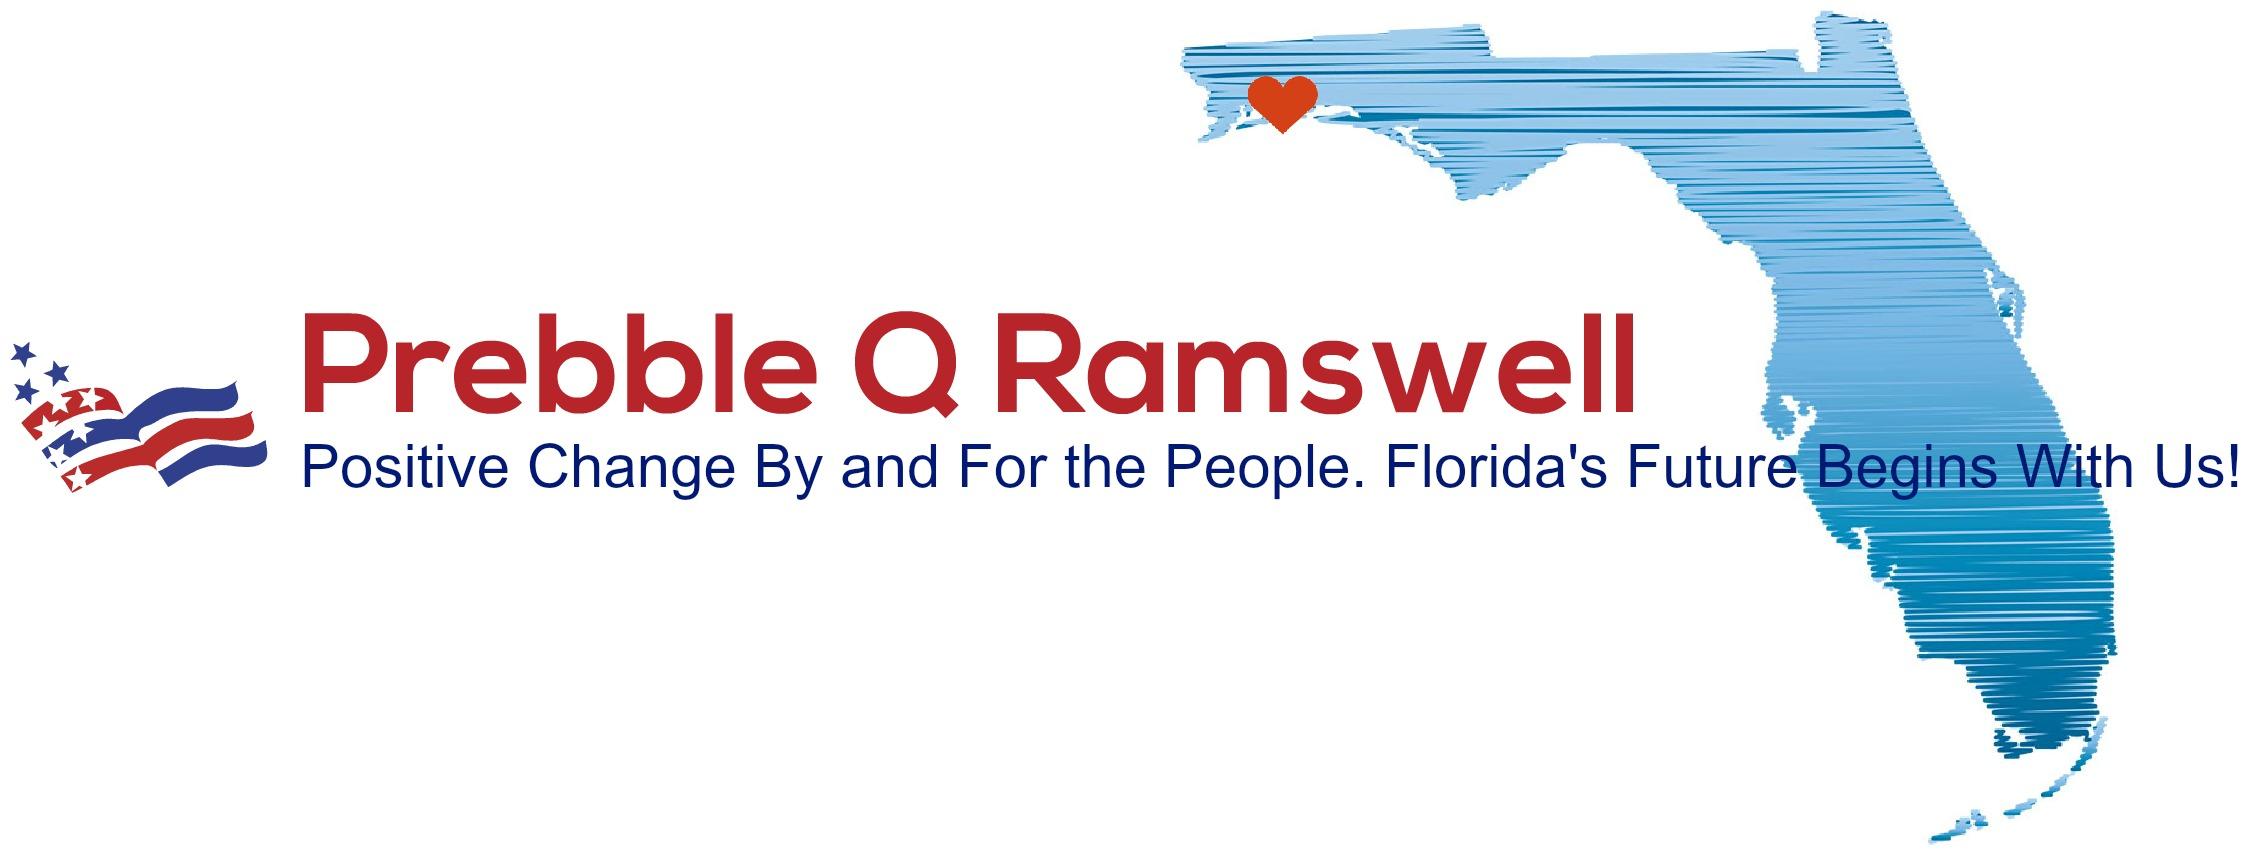 Prebble Q Ramswell logo